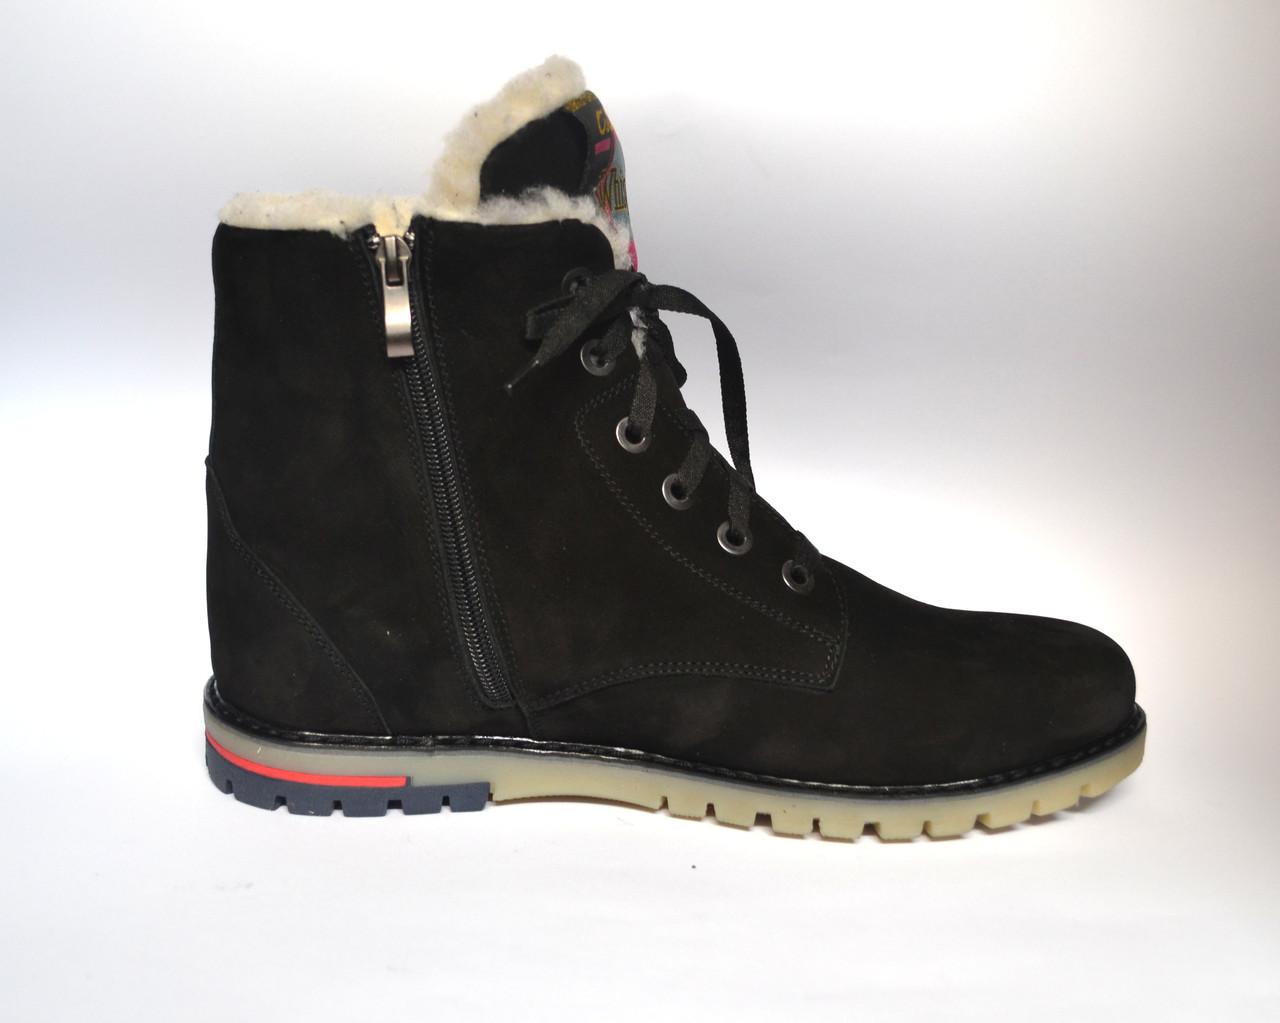 6a0c3cc16 Большой размер Кожаные зимние мужские ботинки нубук натуральные Rosso  Avangard BS Whisper Black Nub черные -